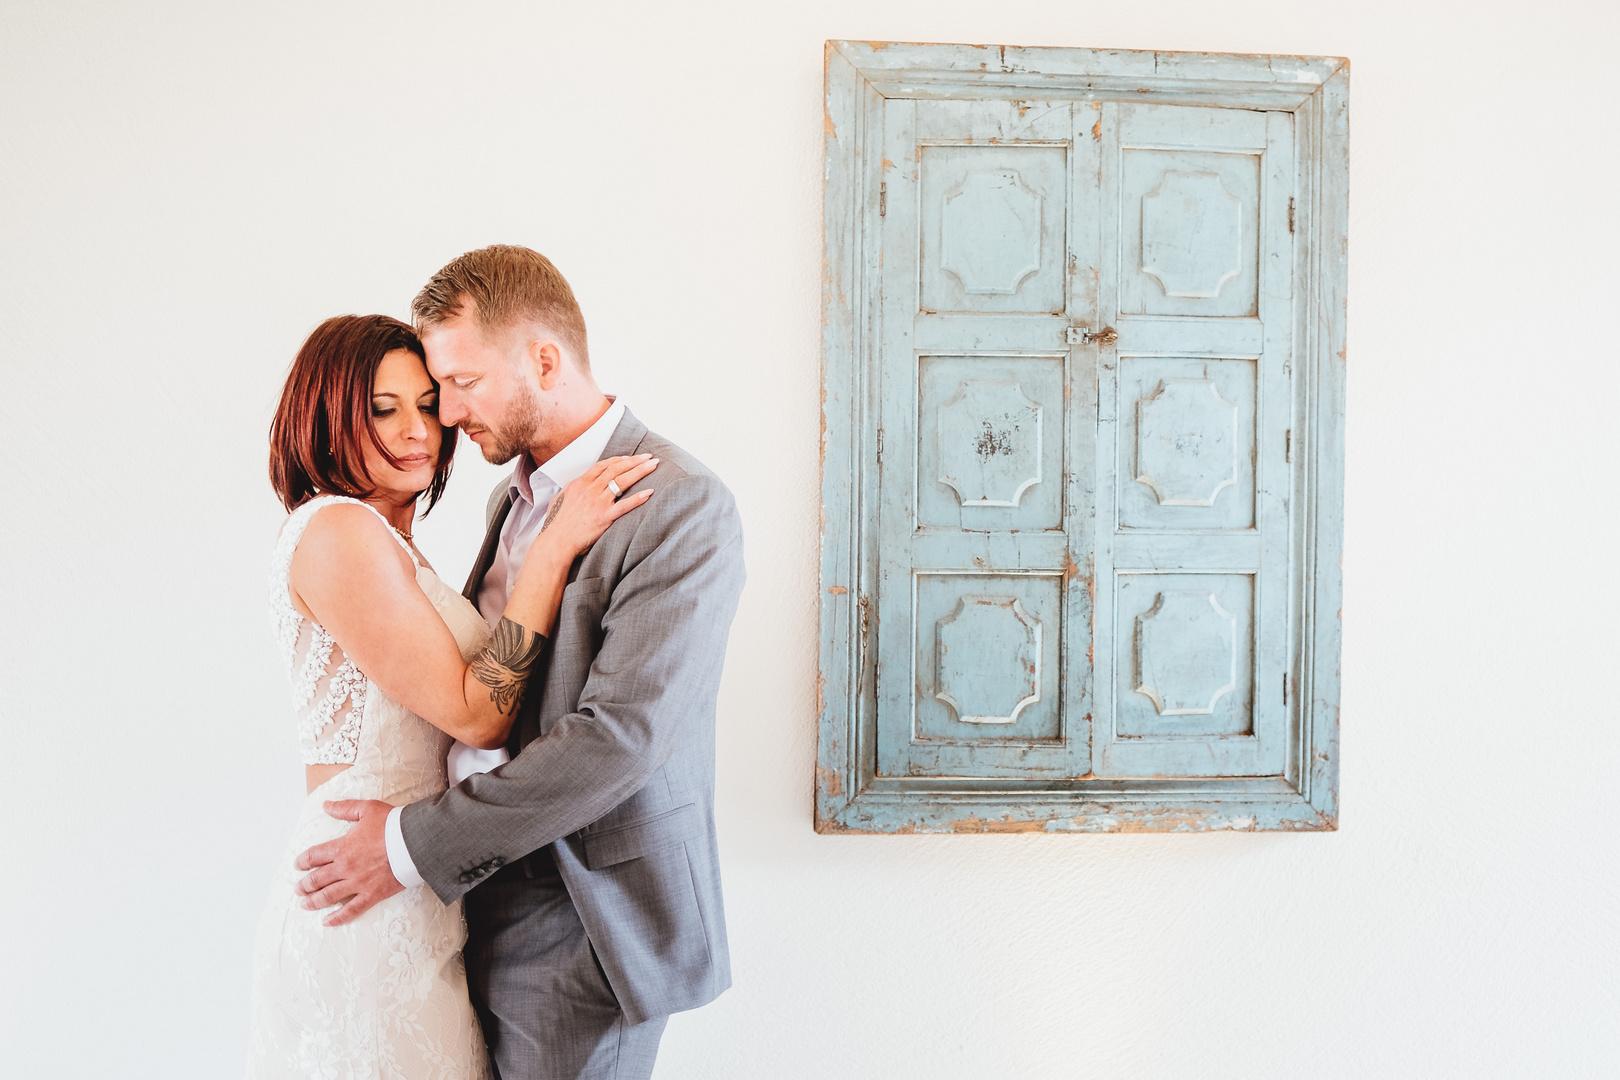 Wedding Couple Foto Bild Hochzeit Hochzeiten Wedding Bilder